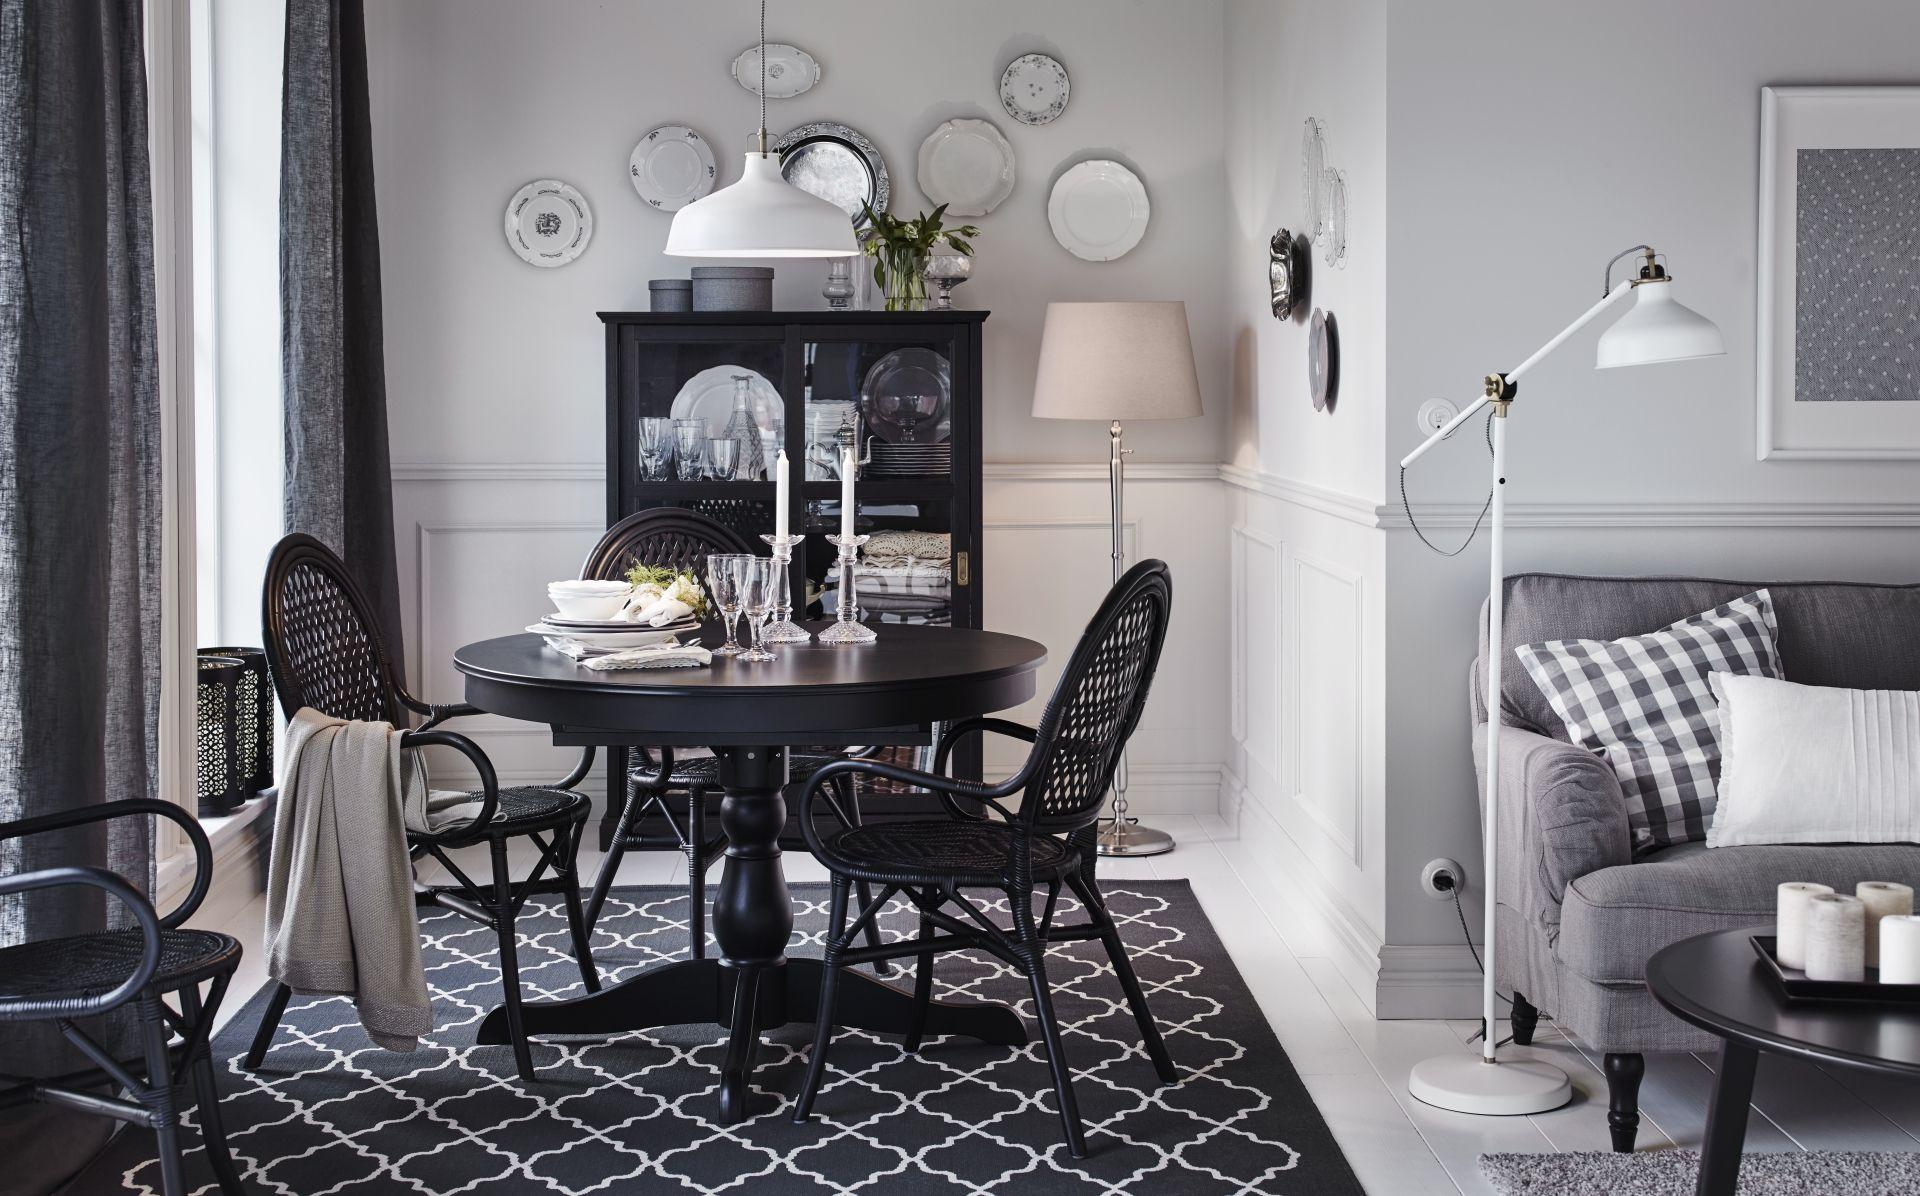 INGATORP tafel   IKEA IKEAnl IKEAnederland uitschuifbaar eetkamer eten drinken diner keuken landelijk klassiek traditioneel inspiratie wooninspiratie interieur wooninterieur zwart